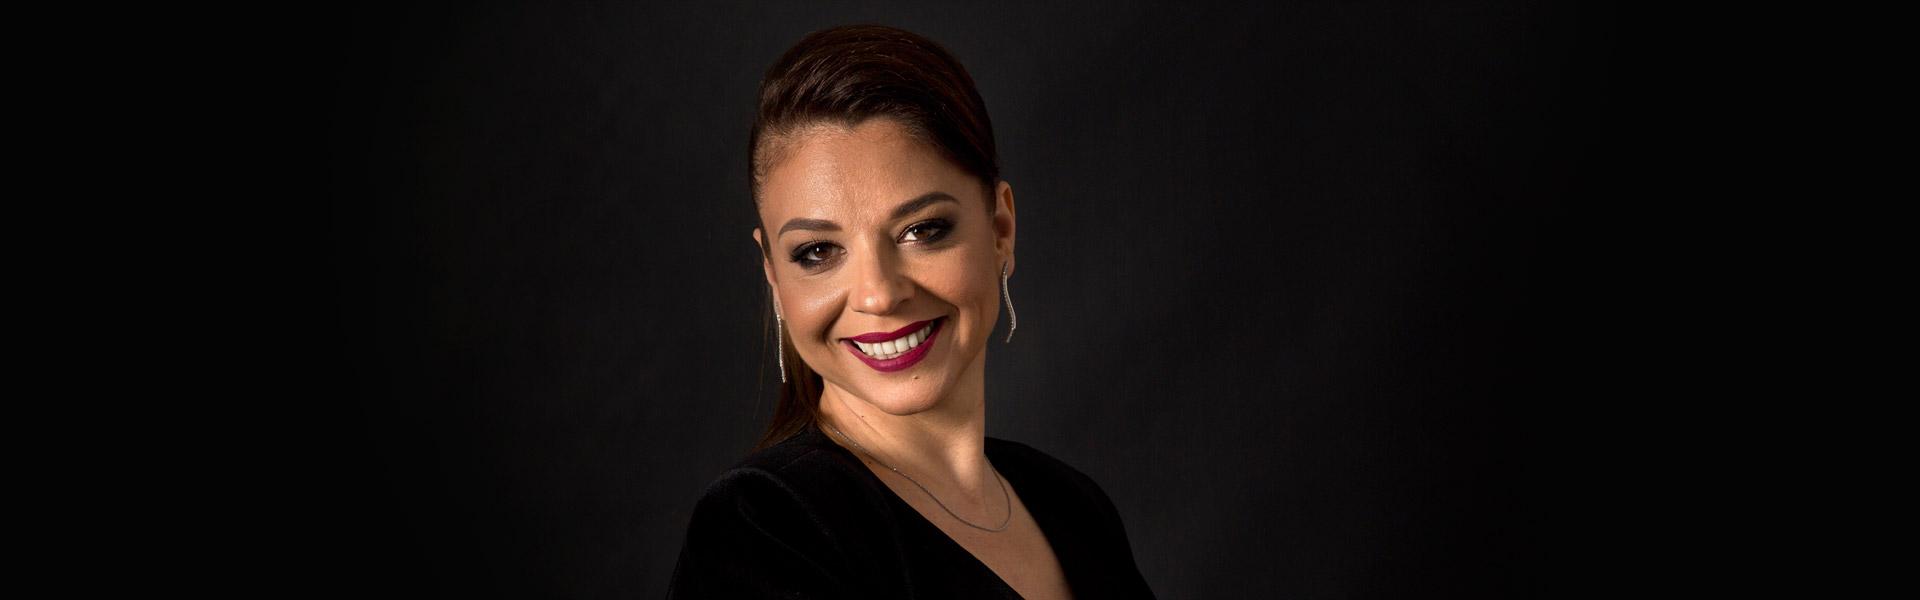 Biografie Oana Lianu - Muzica Populara